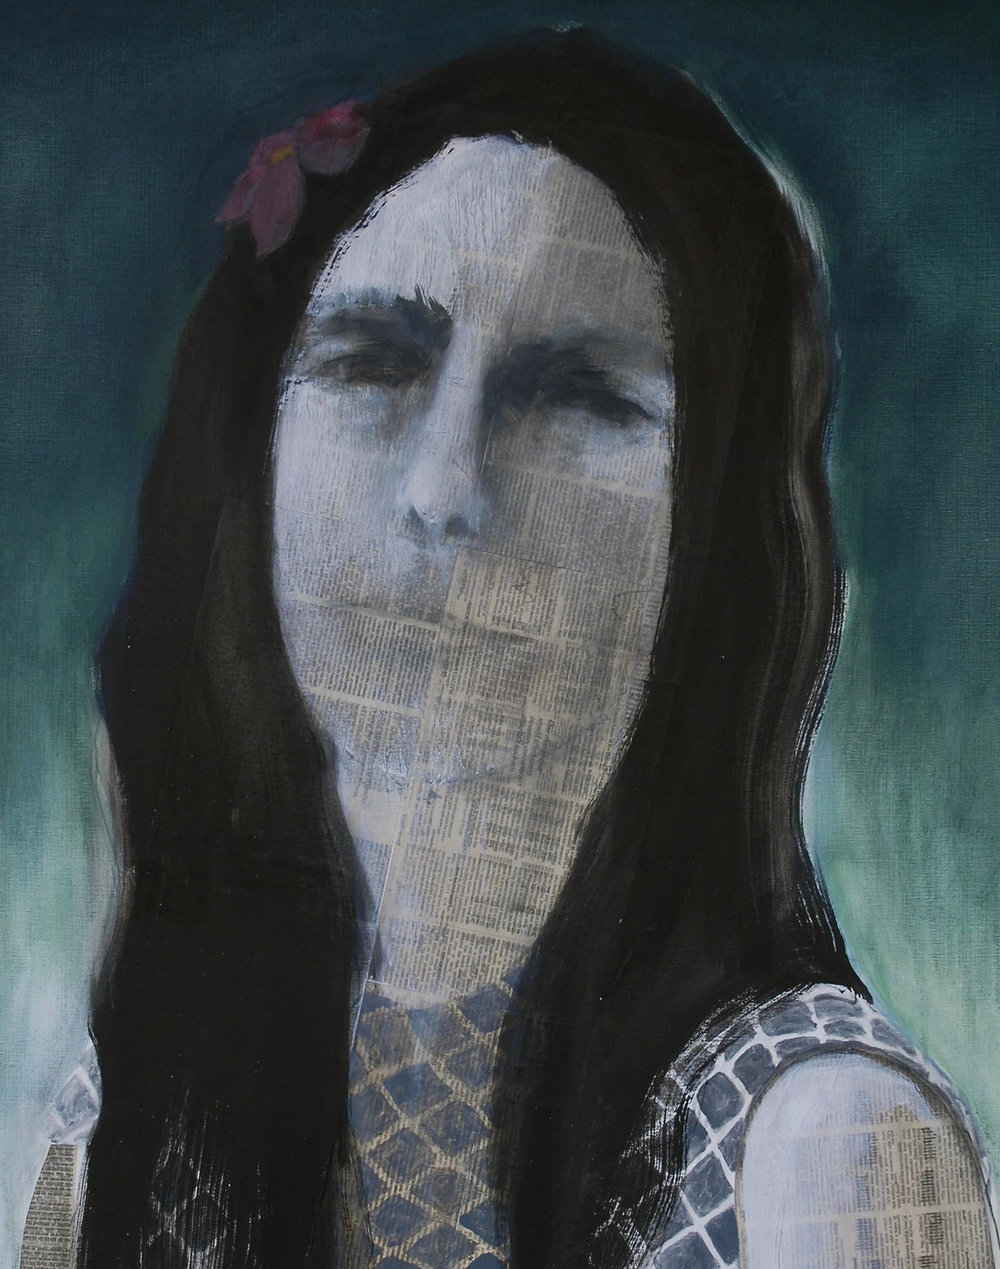 PATRICIA KRENWINKLE